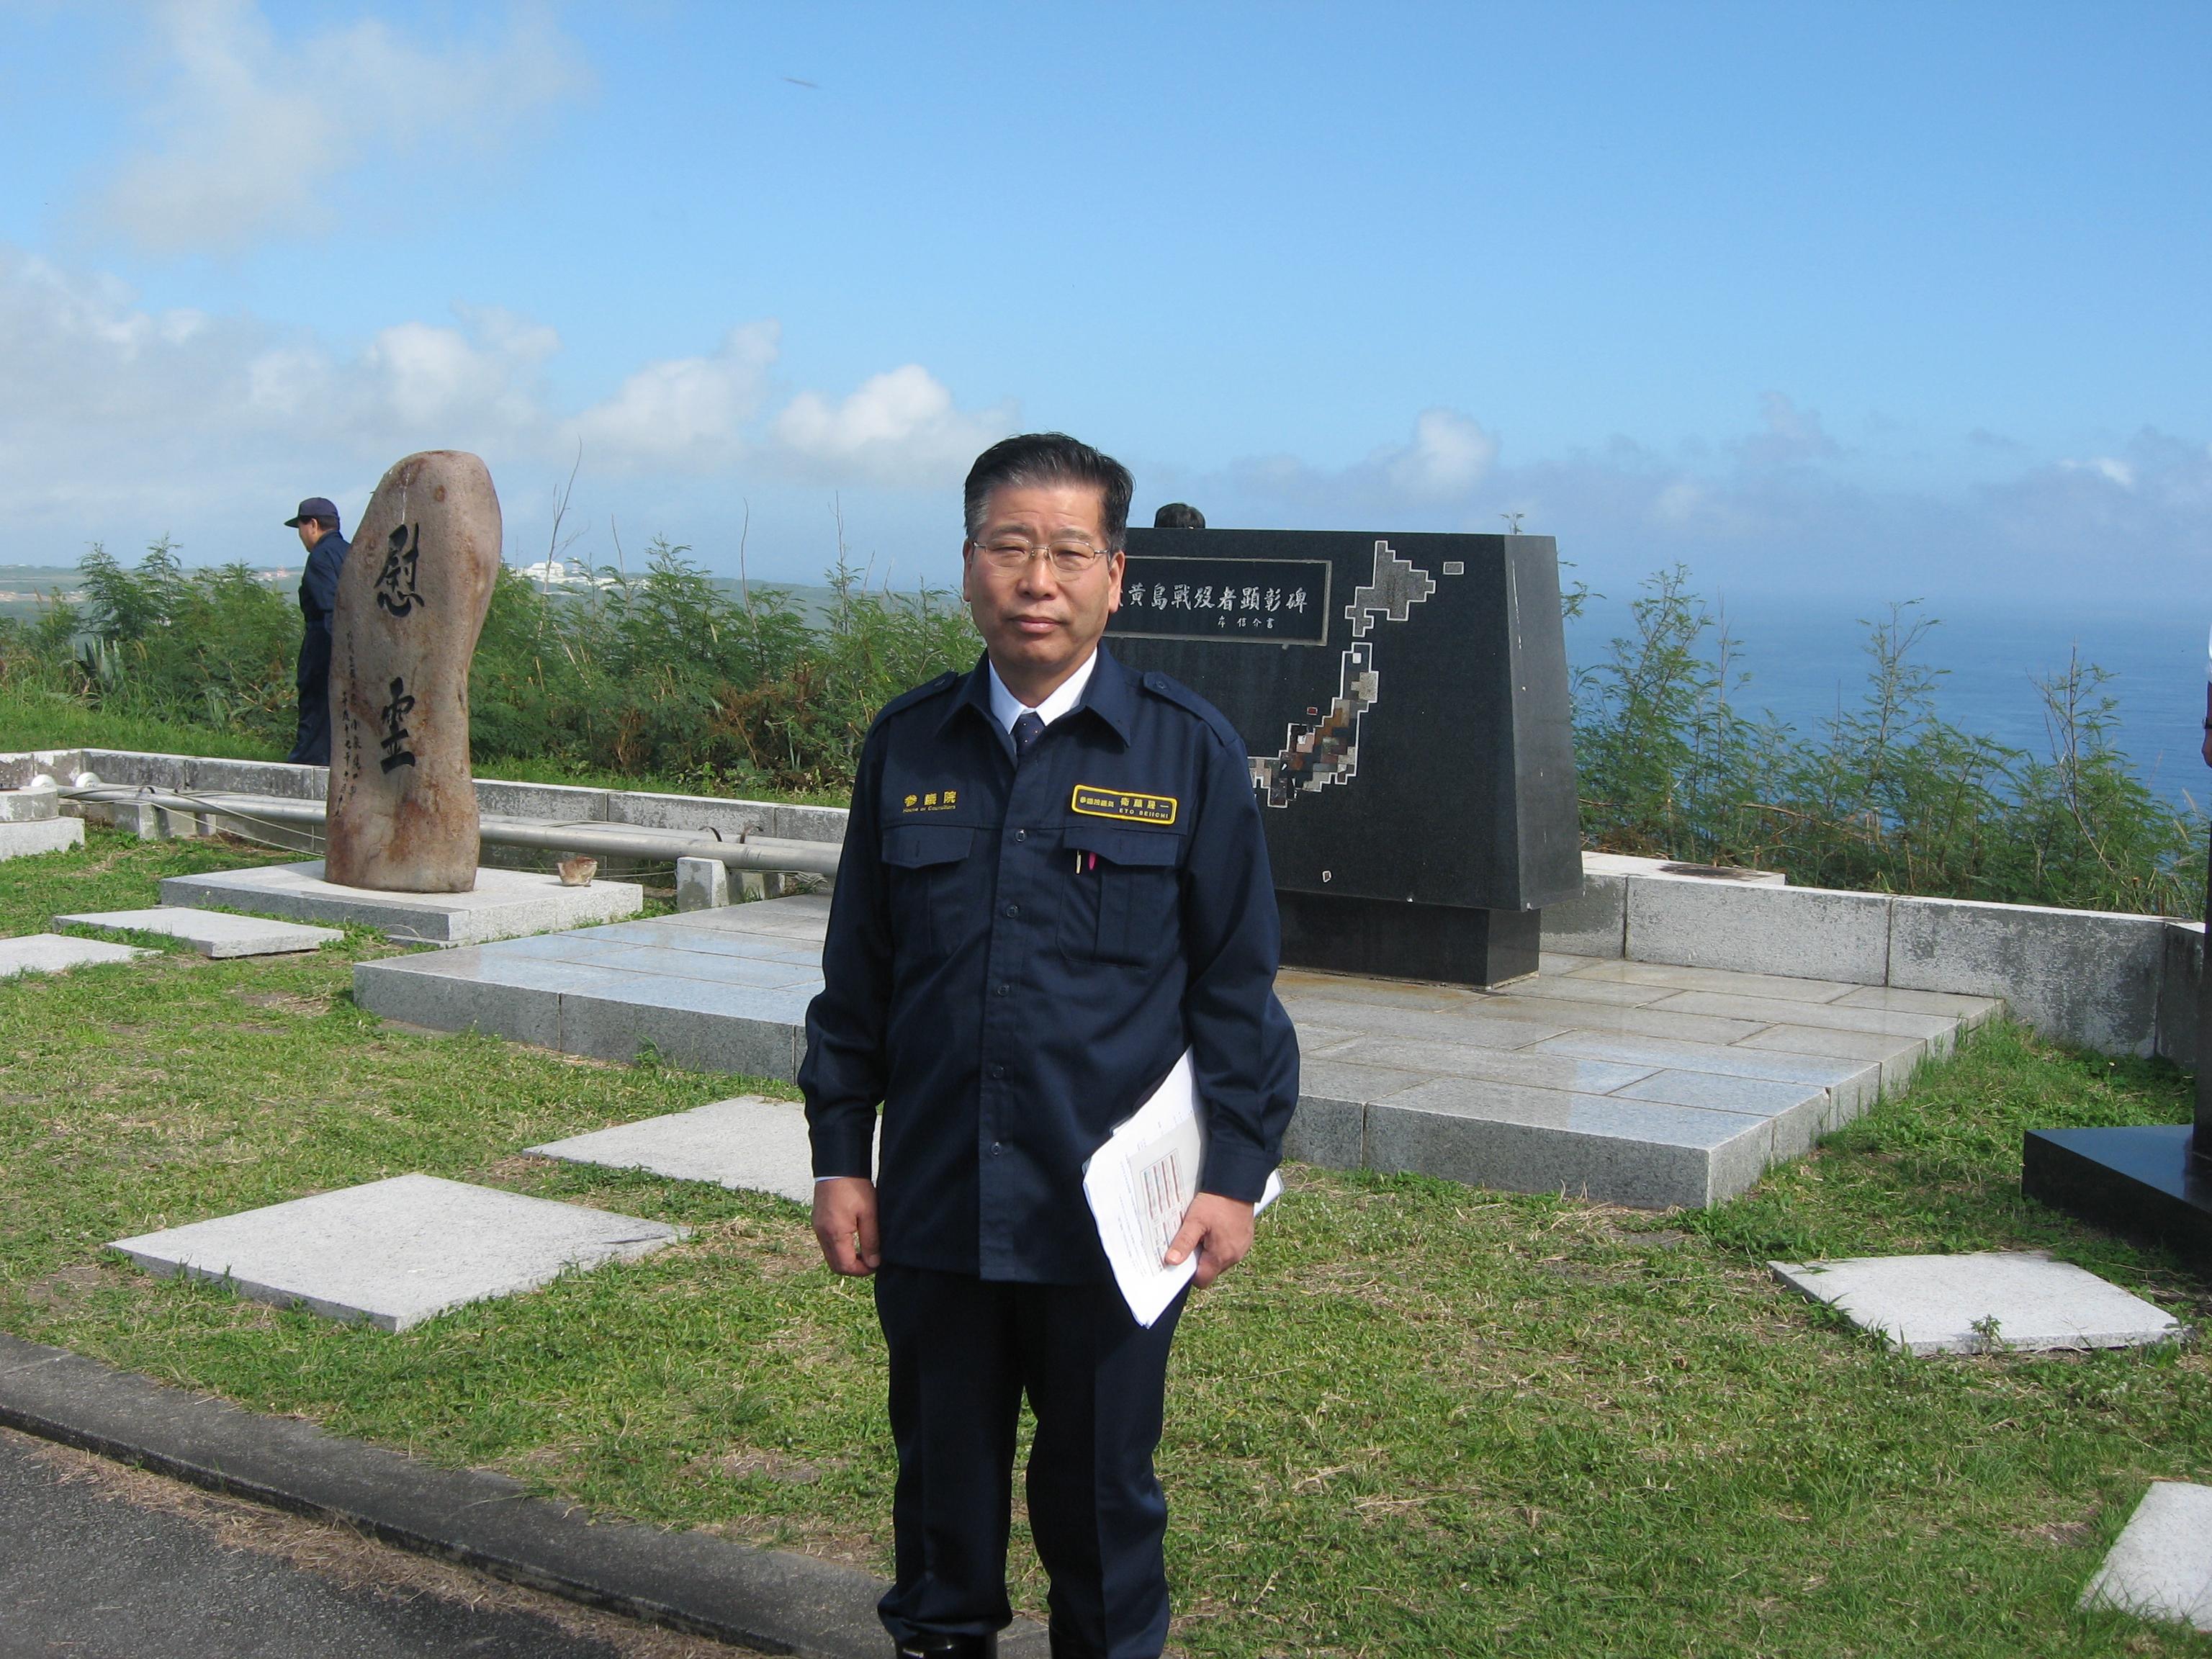 平成22年12月14日 硫黄島戦没者遺骨調査 摺鉢山山頂の硫黄島戦没者顕彰碑の前にて